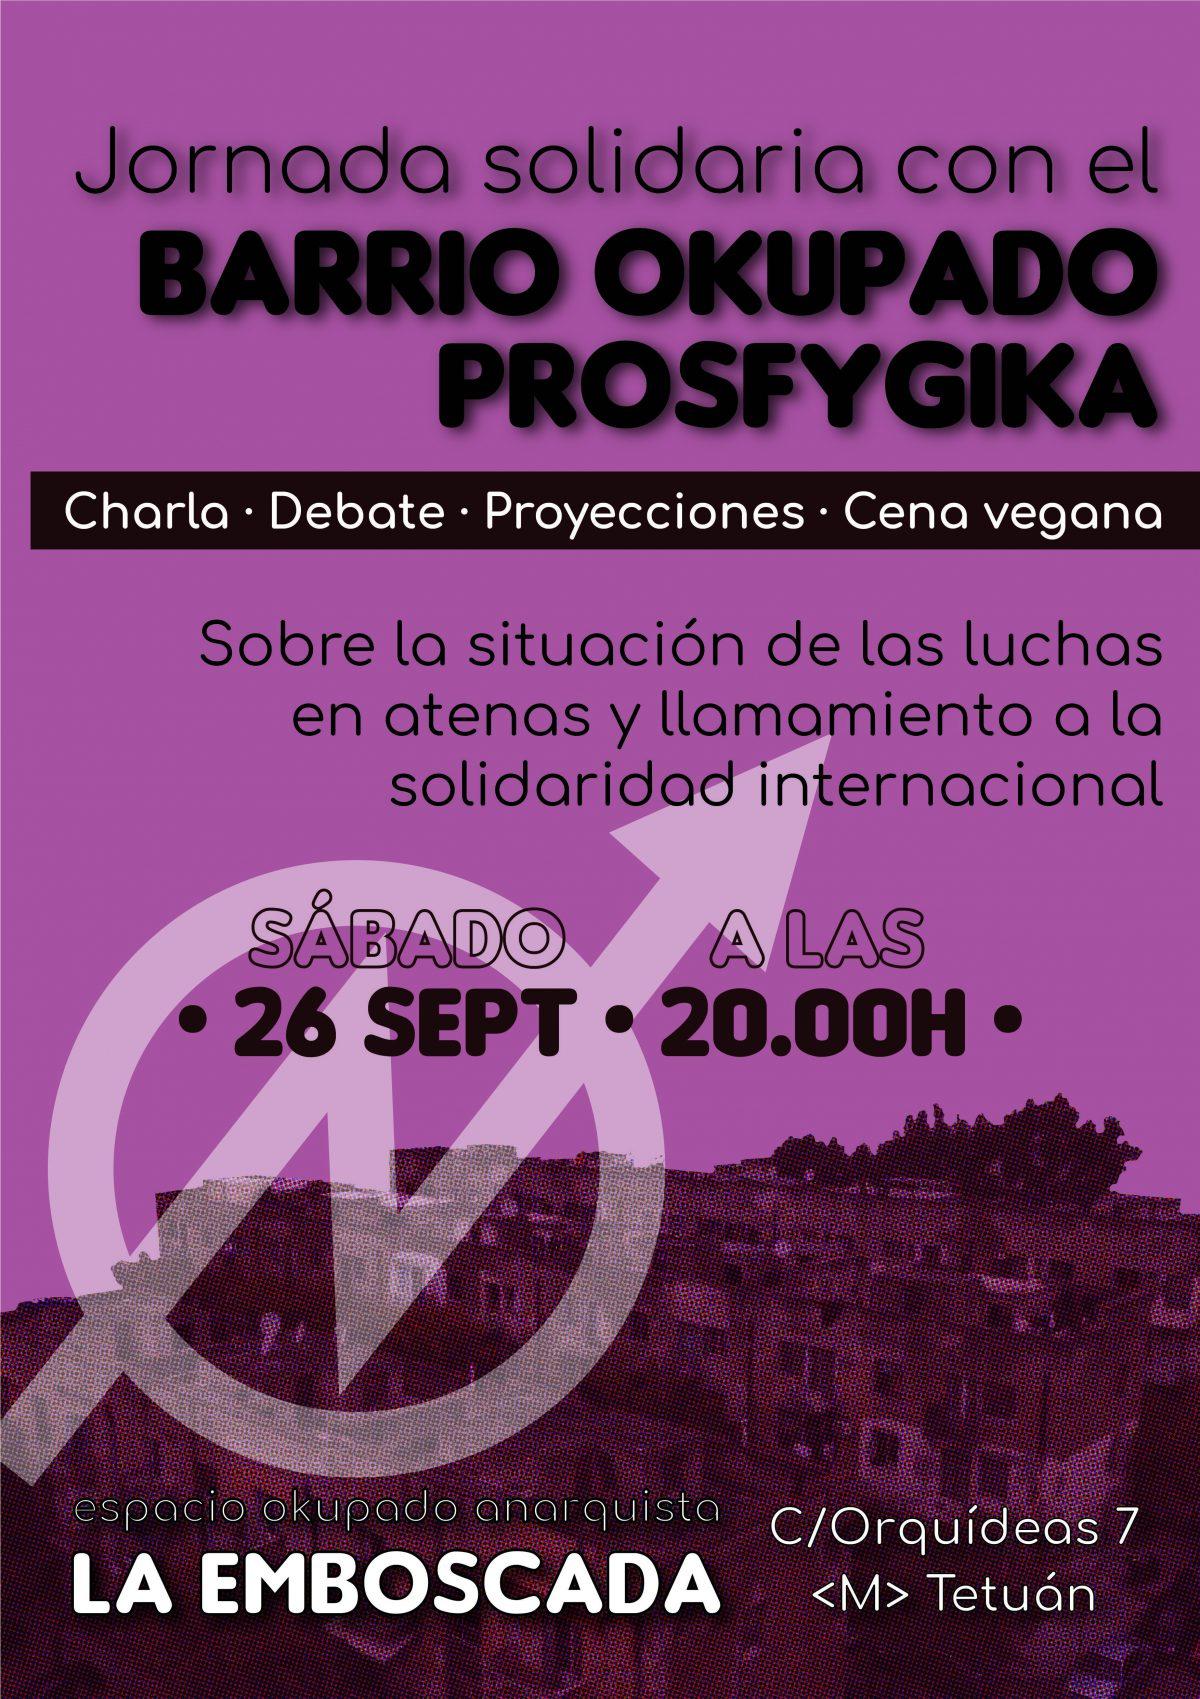 Jornada solidaria con el barrio okupado de Prosfygika